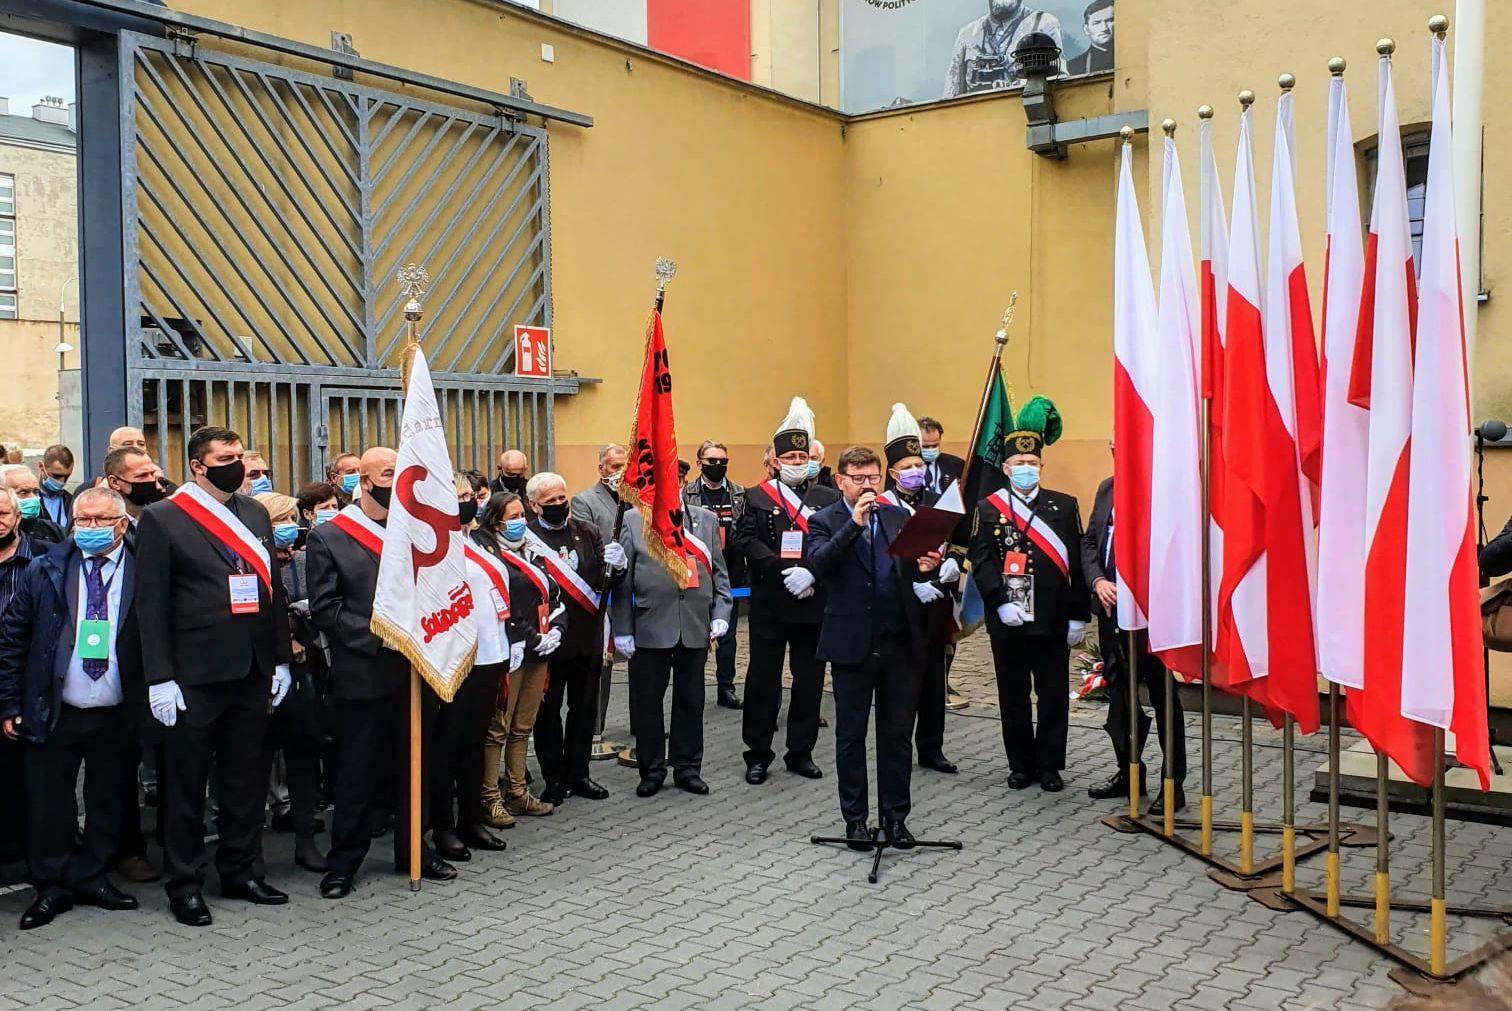 Odsłonięcie tablicy pamiątkowej w Muzeum Żołnierzy Wyklętych w pierwszą rocznicę śmierci Kornela Morawieckiego